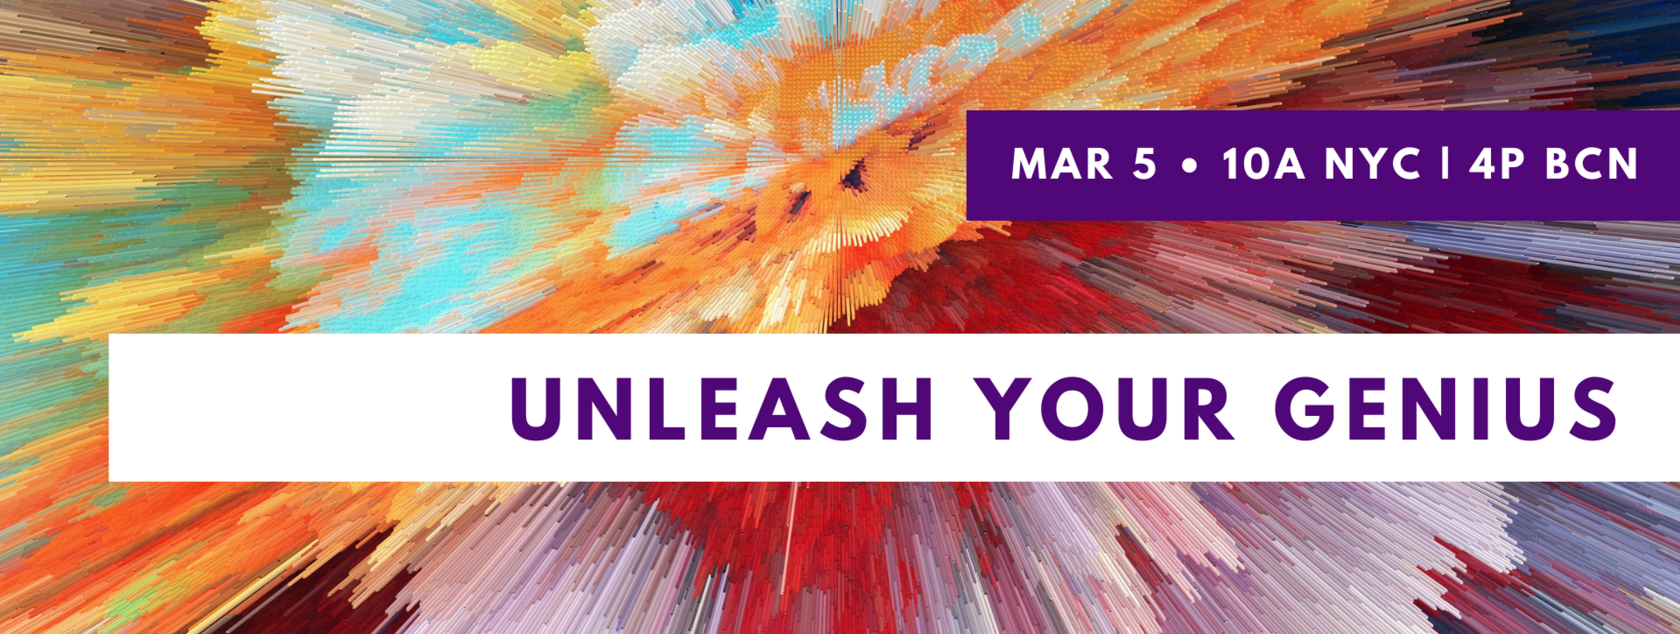 event-program-unleash-your-genius